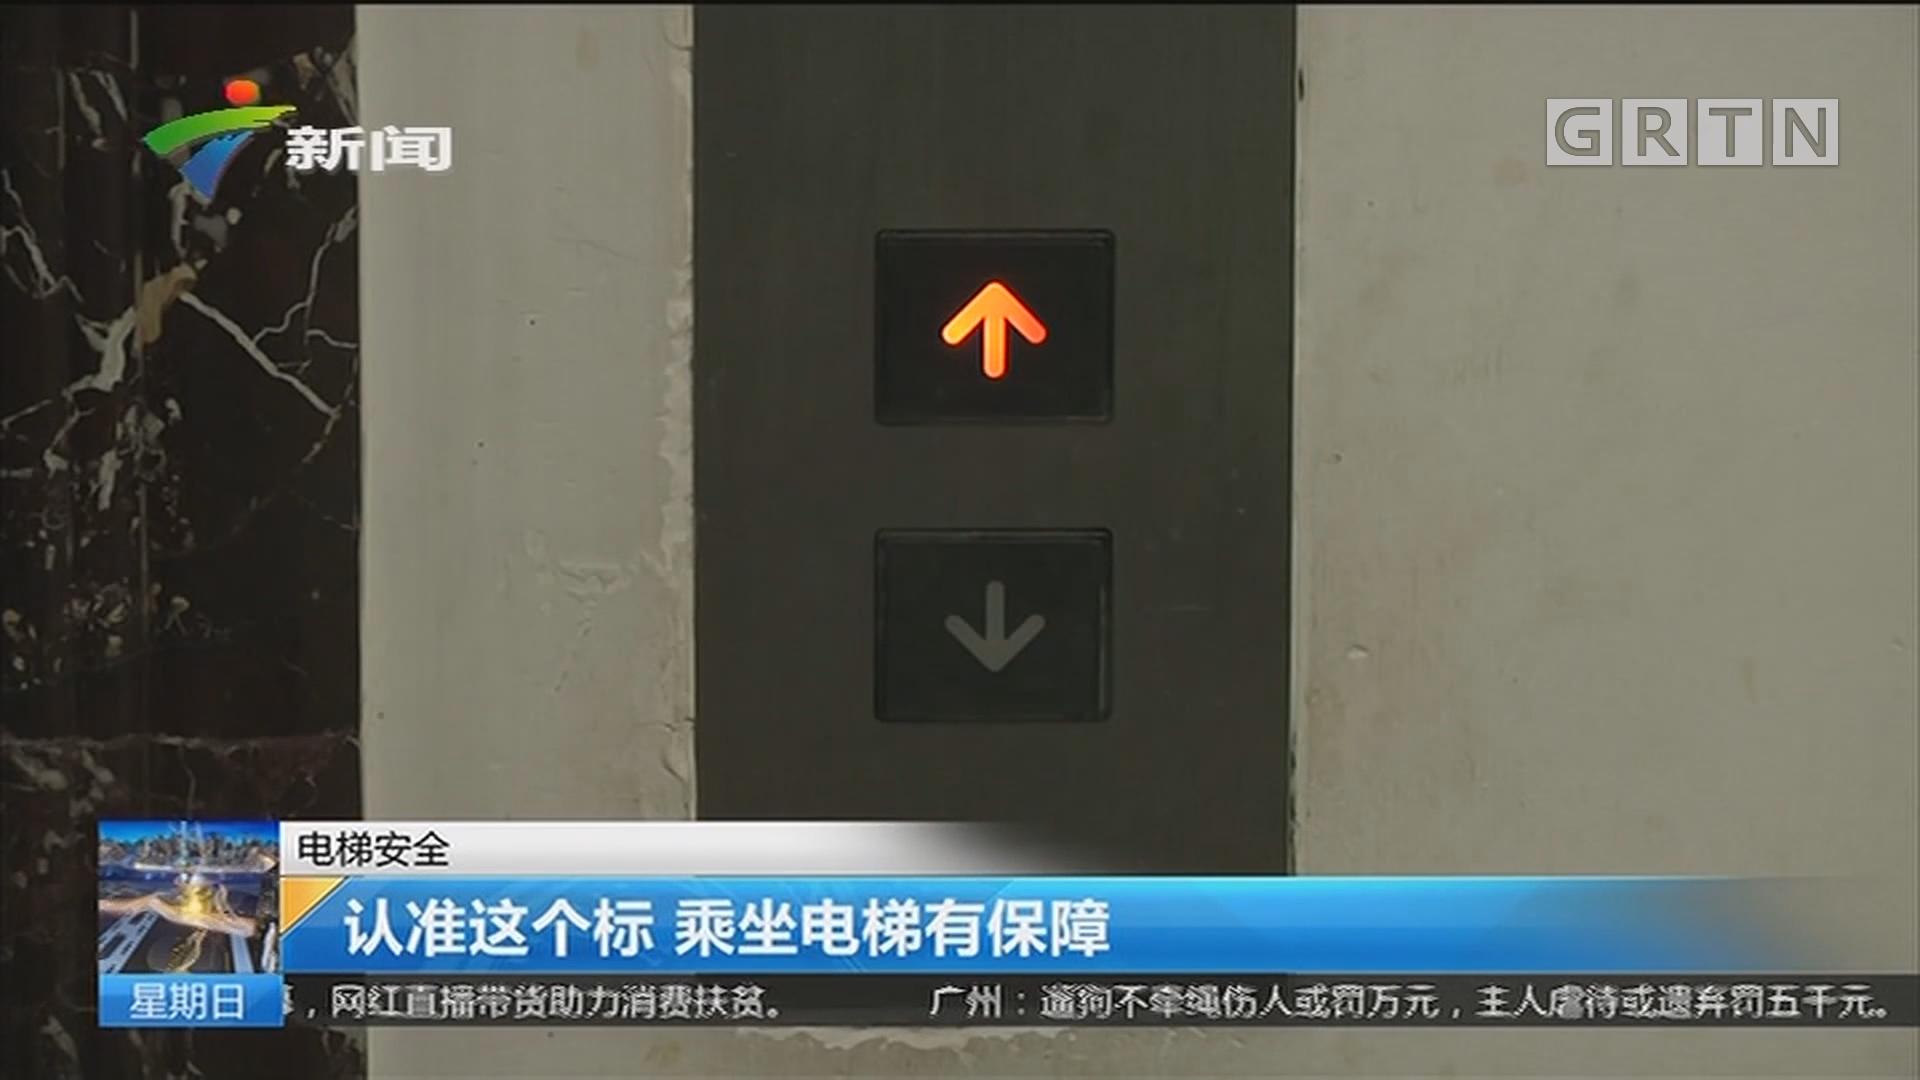 电梯安全:认准这个标 乘坐电梯有保障